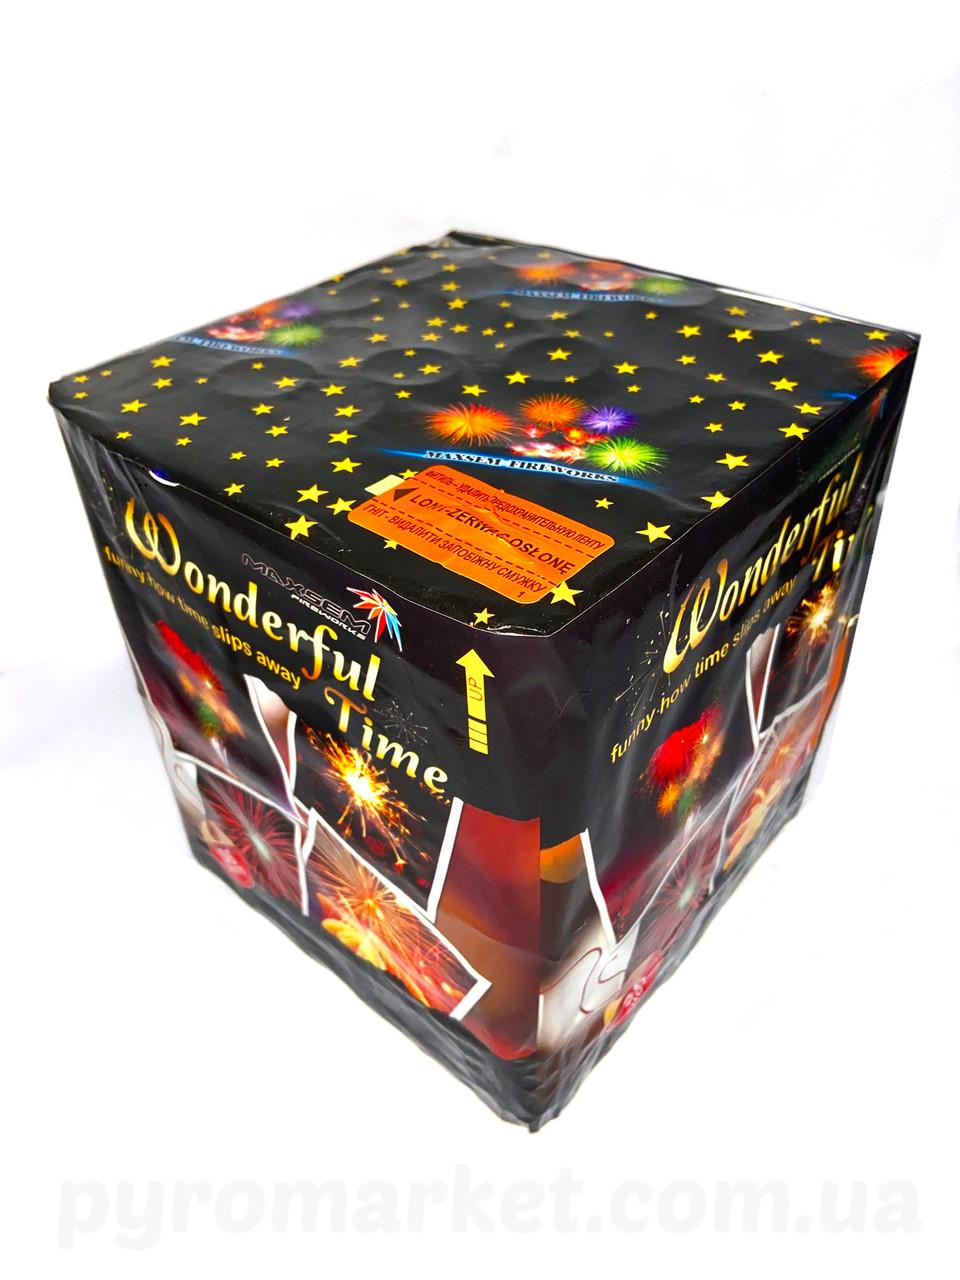 Салют Wonderful Time Maxsem GWM6361, 36 выстрелов 30 мм